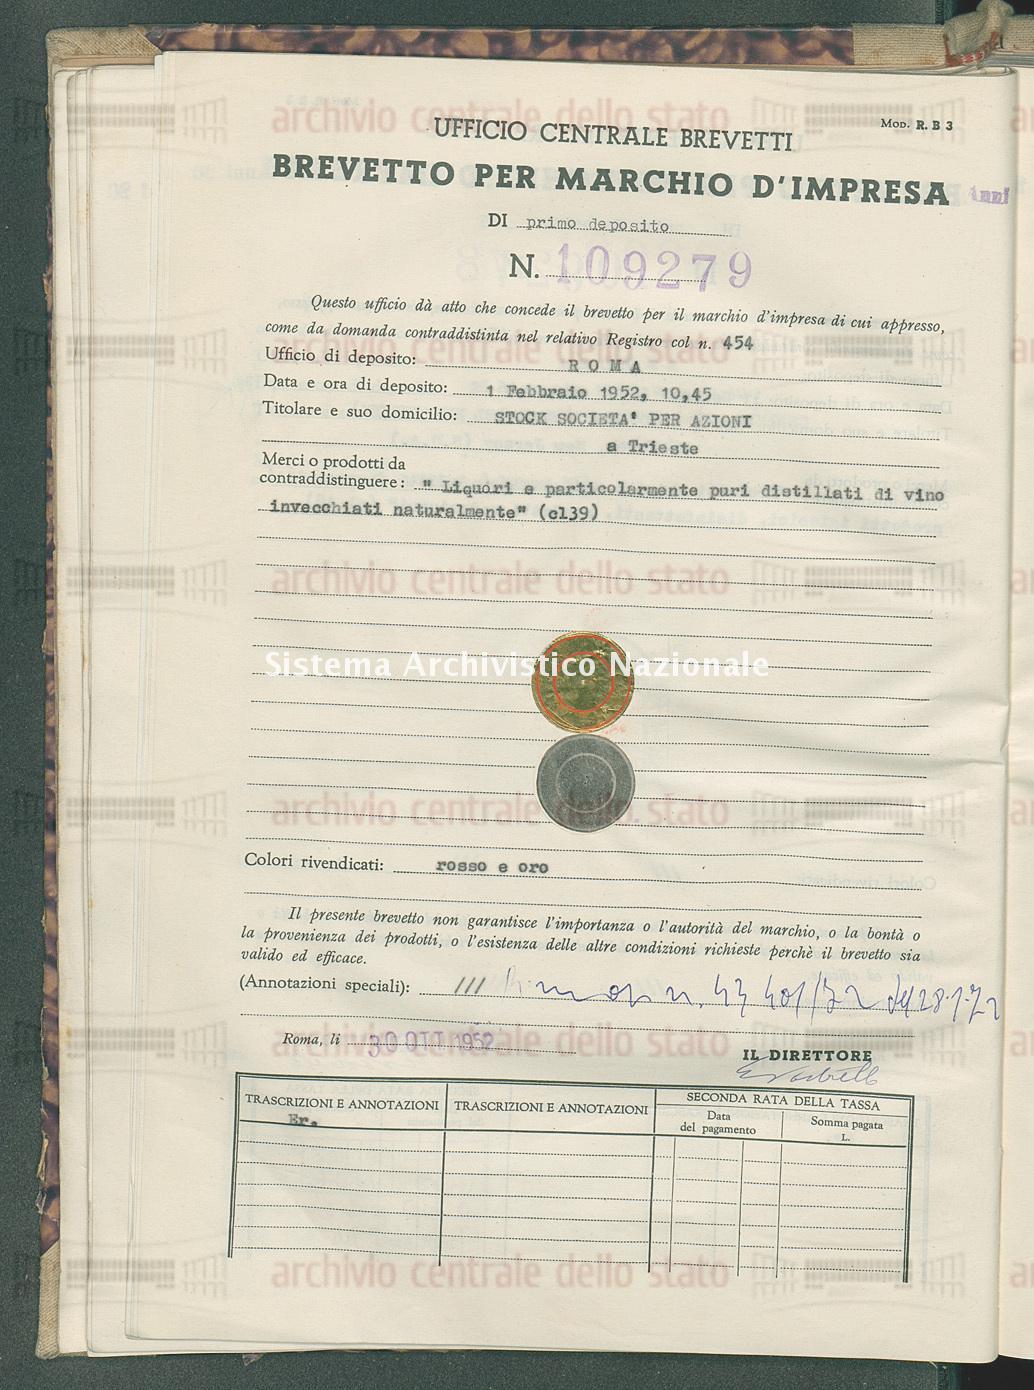 'Liquori e particolarmente puri distillati di vino invecchiati ecc. Stock Societa' Per Azioni (30/10/1952)